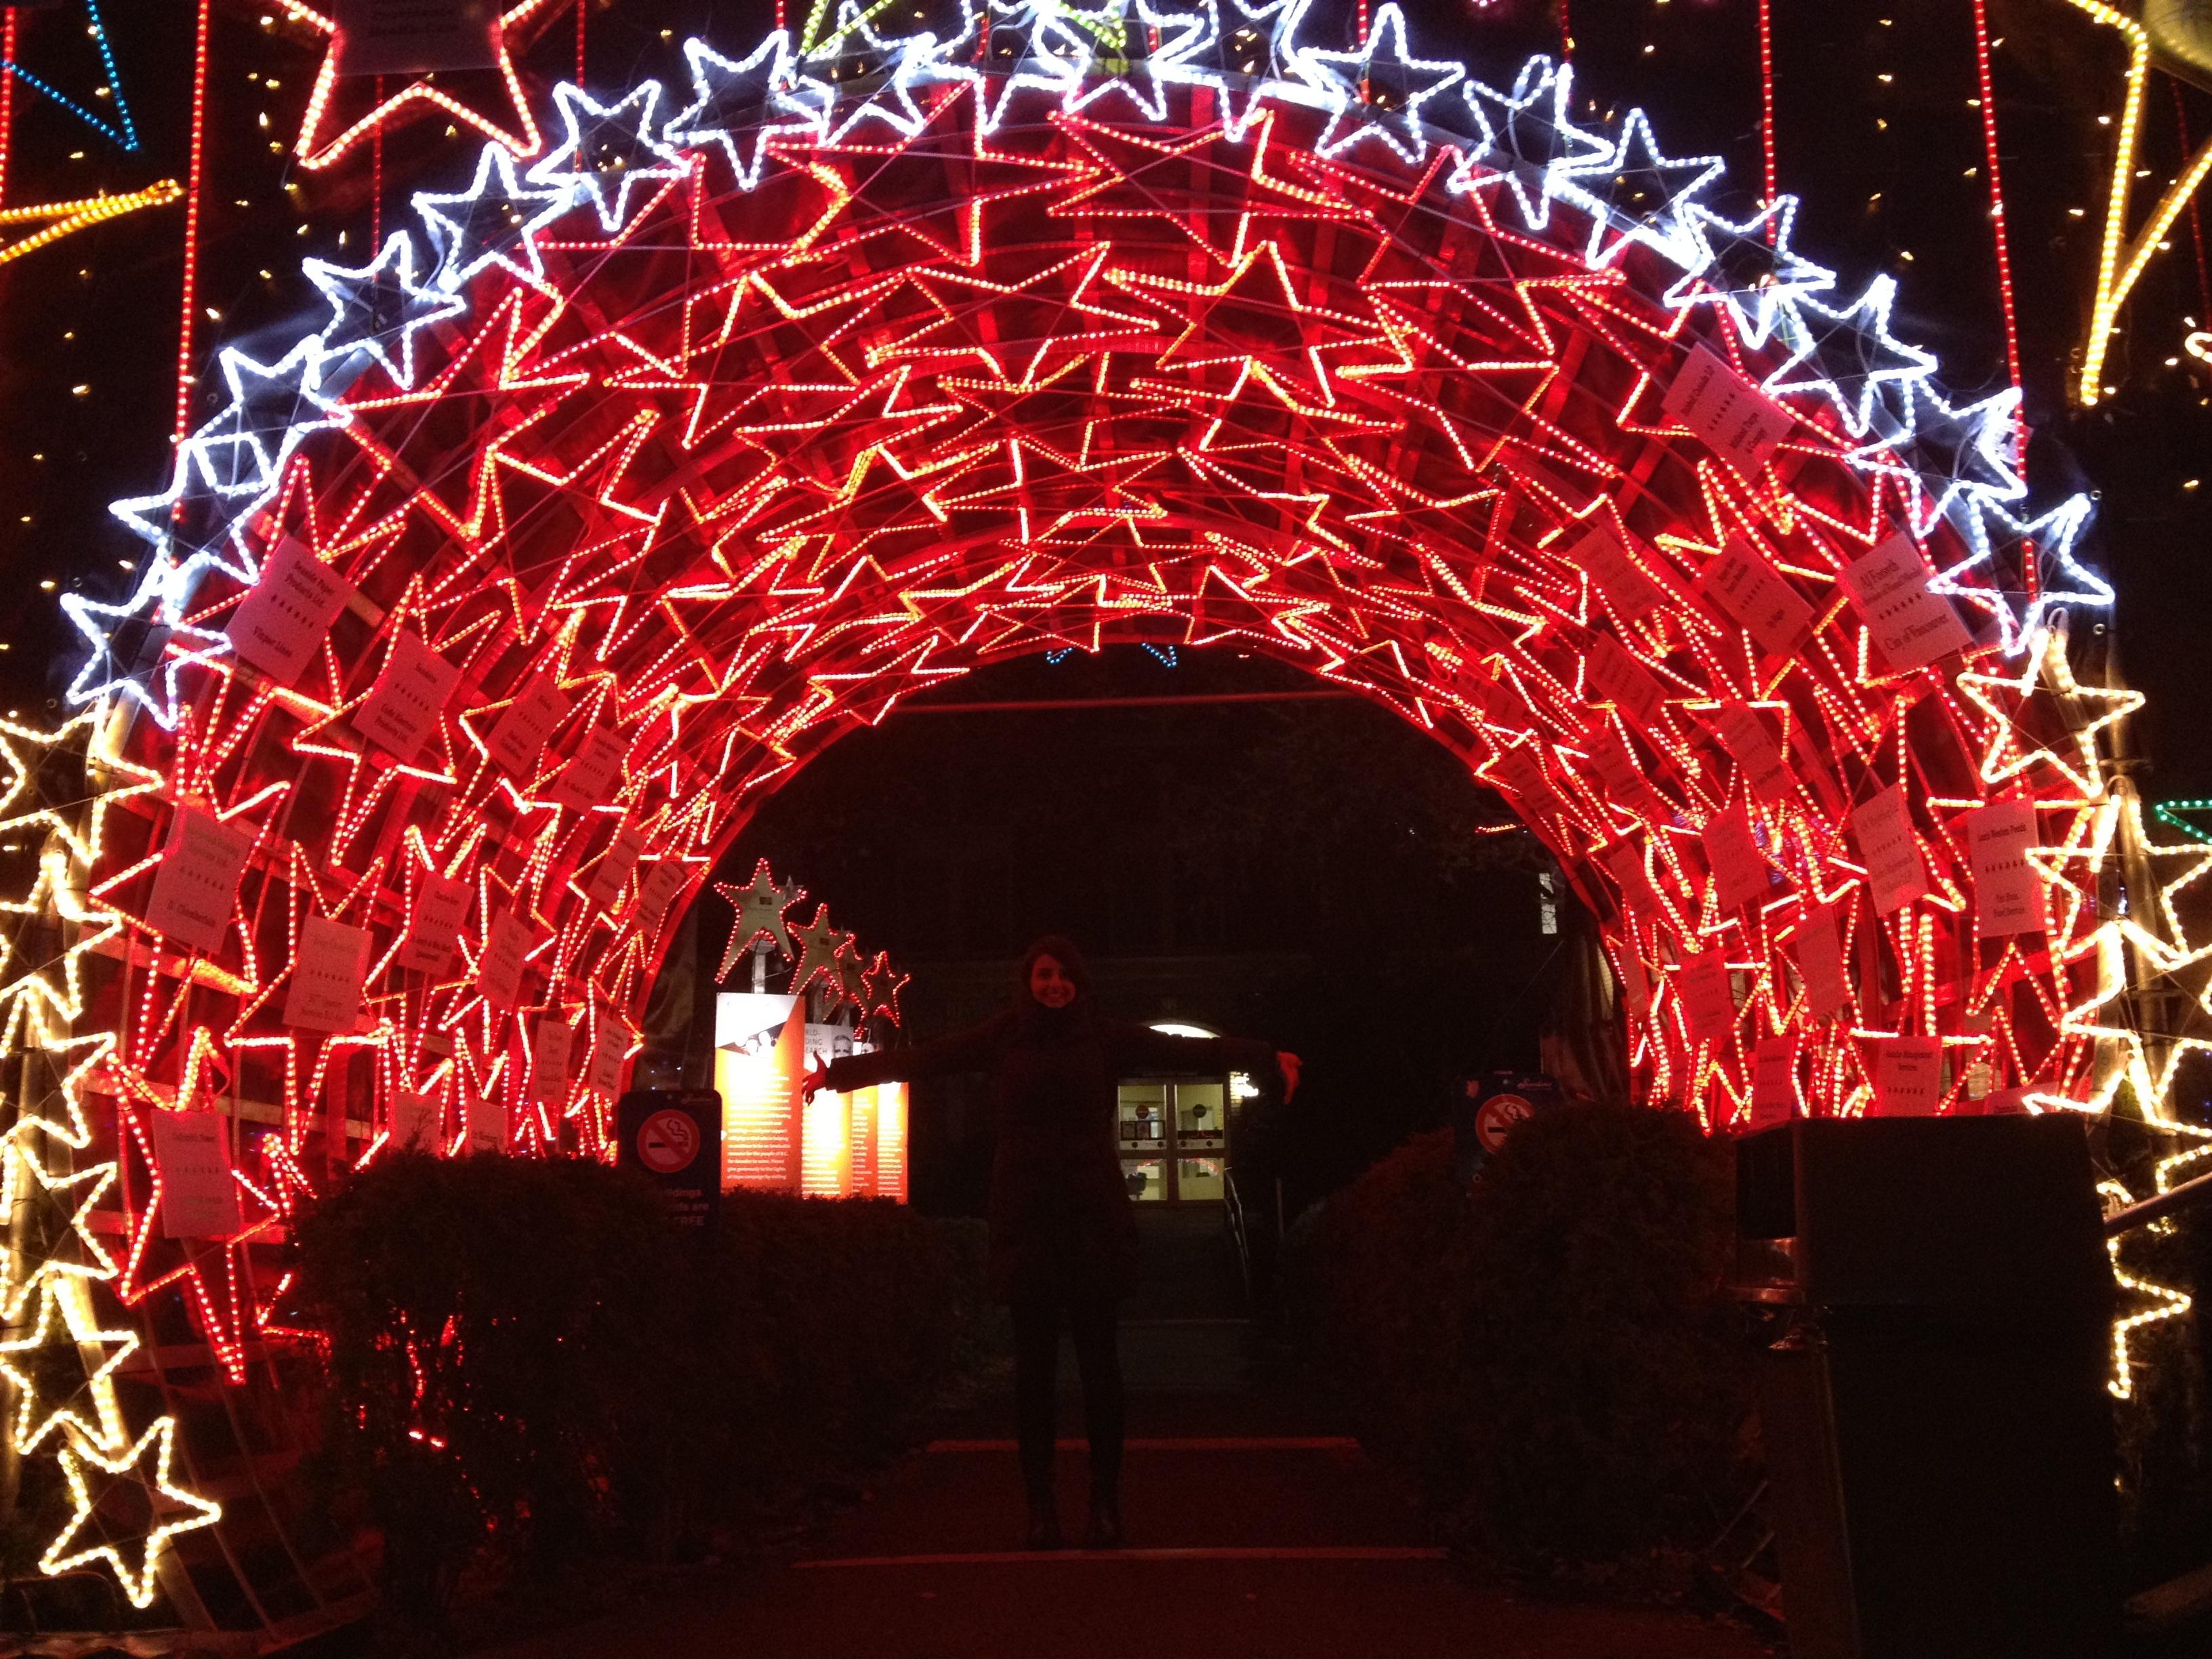 무료 이미지 : 빛, 밤, 원근법, 터널, 아치, 빨간, 휴일, 밴쿠버, 화려한, 네온, 크리스마스 장식 ...